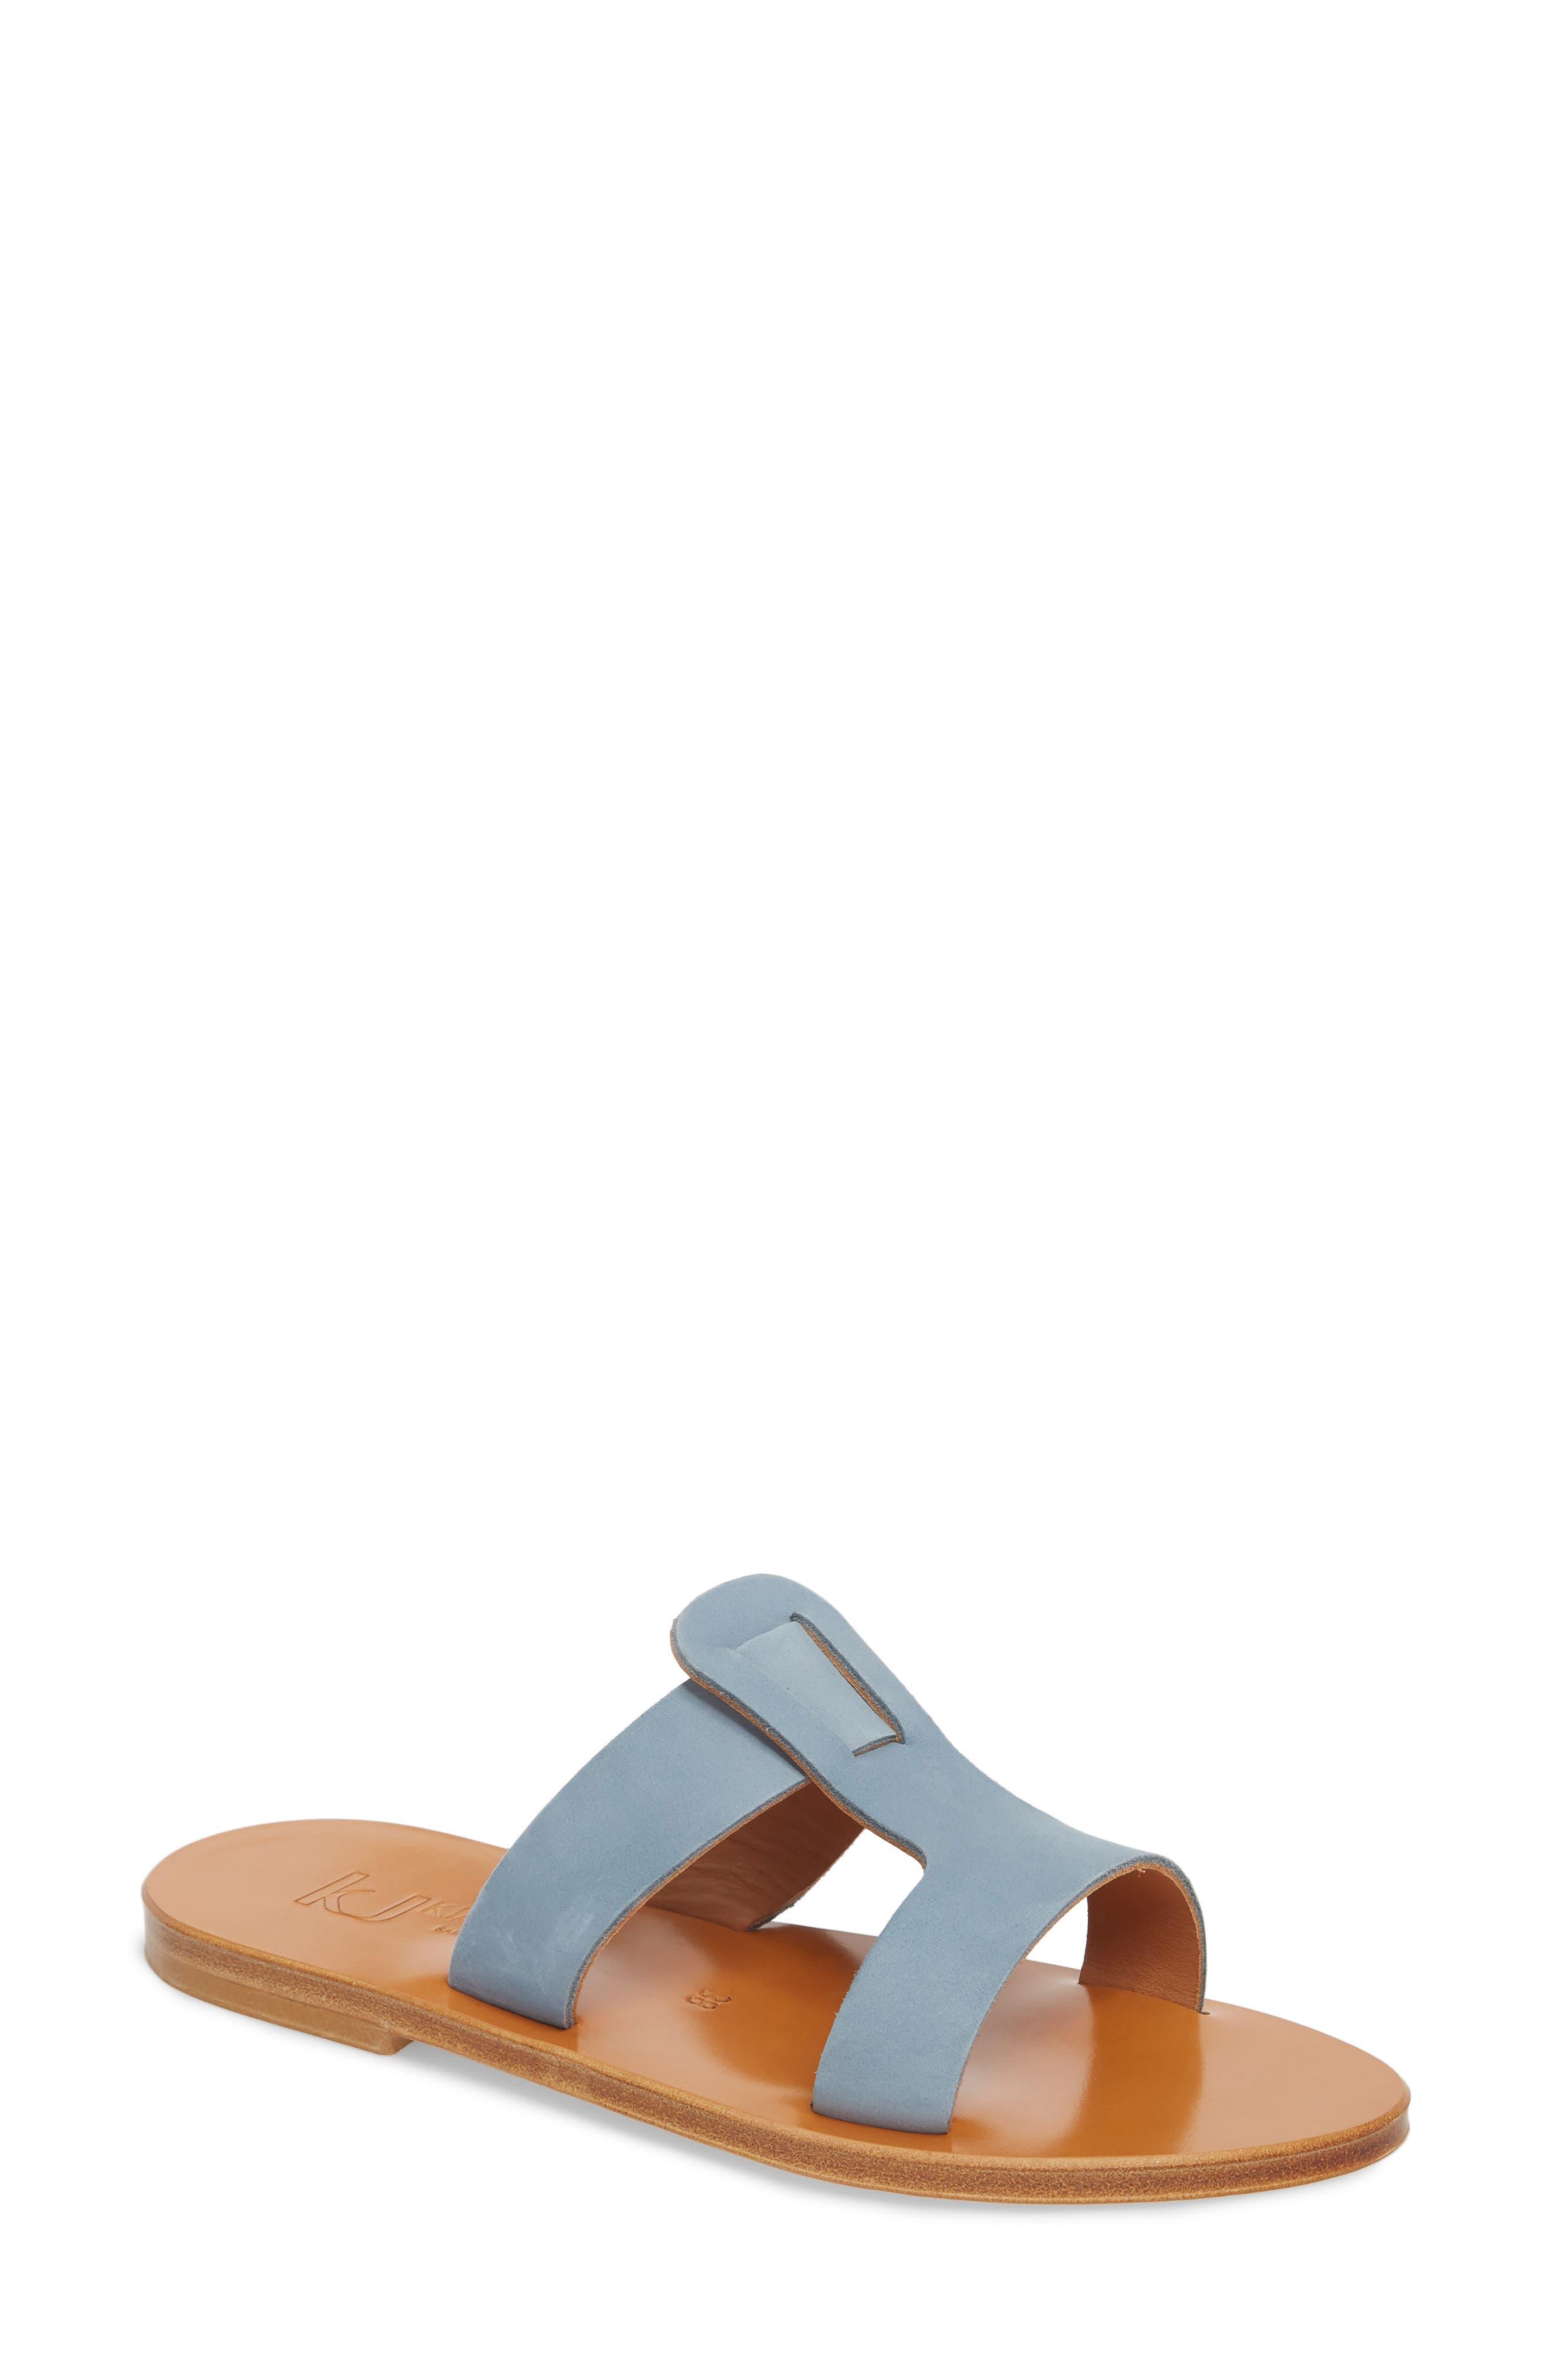 K. Jacques St. Tropez Slide Sandal,                         Main,                         color, 021